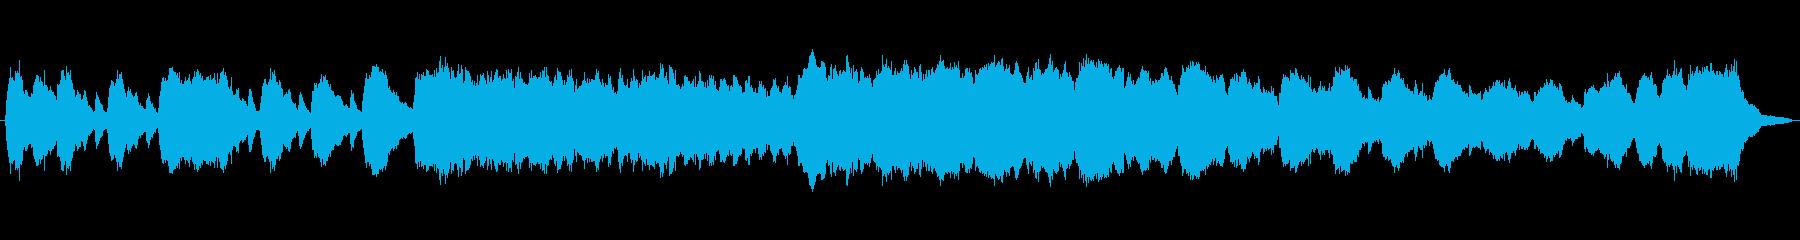 明るく華やかなパイプオルガンの曲の再生済みの波形